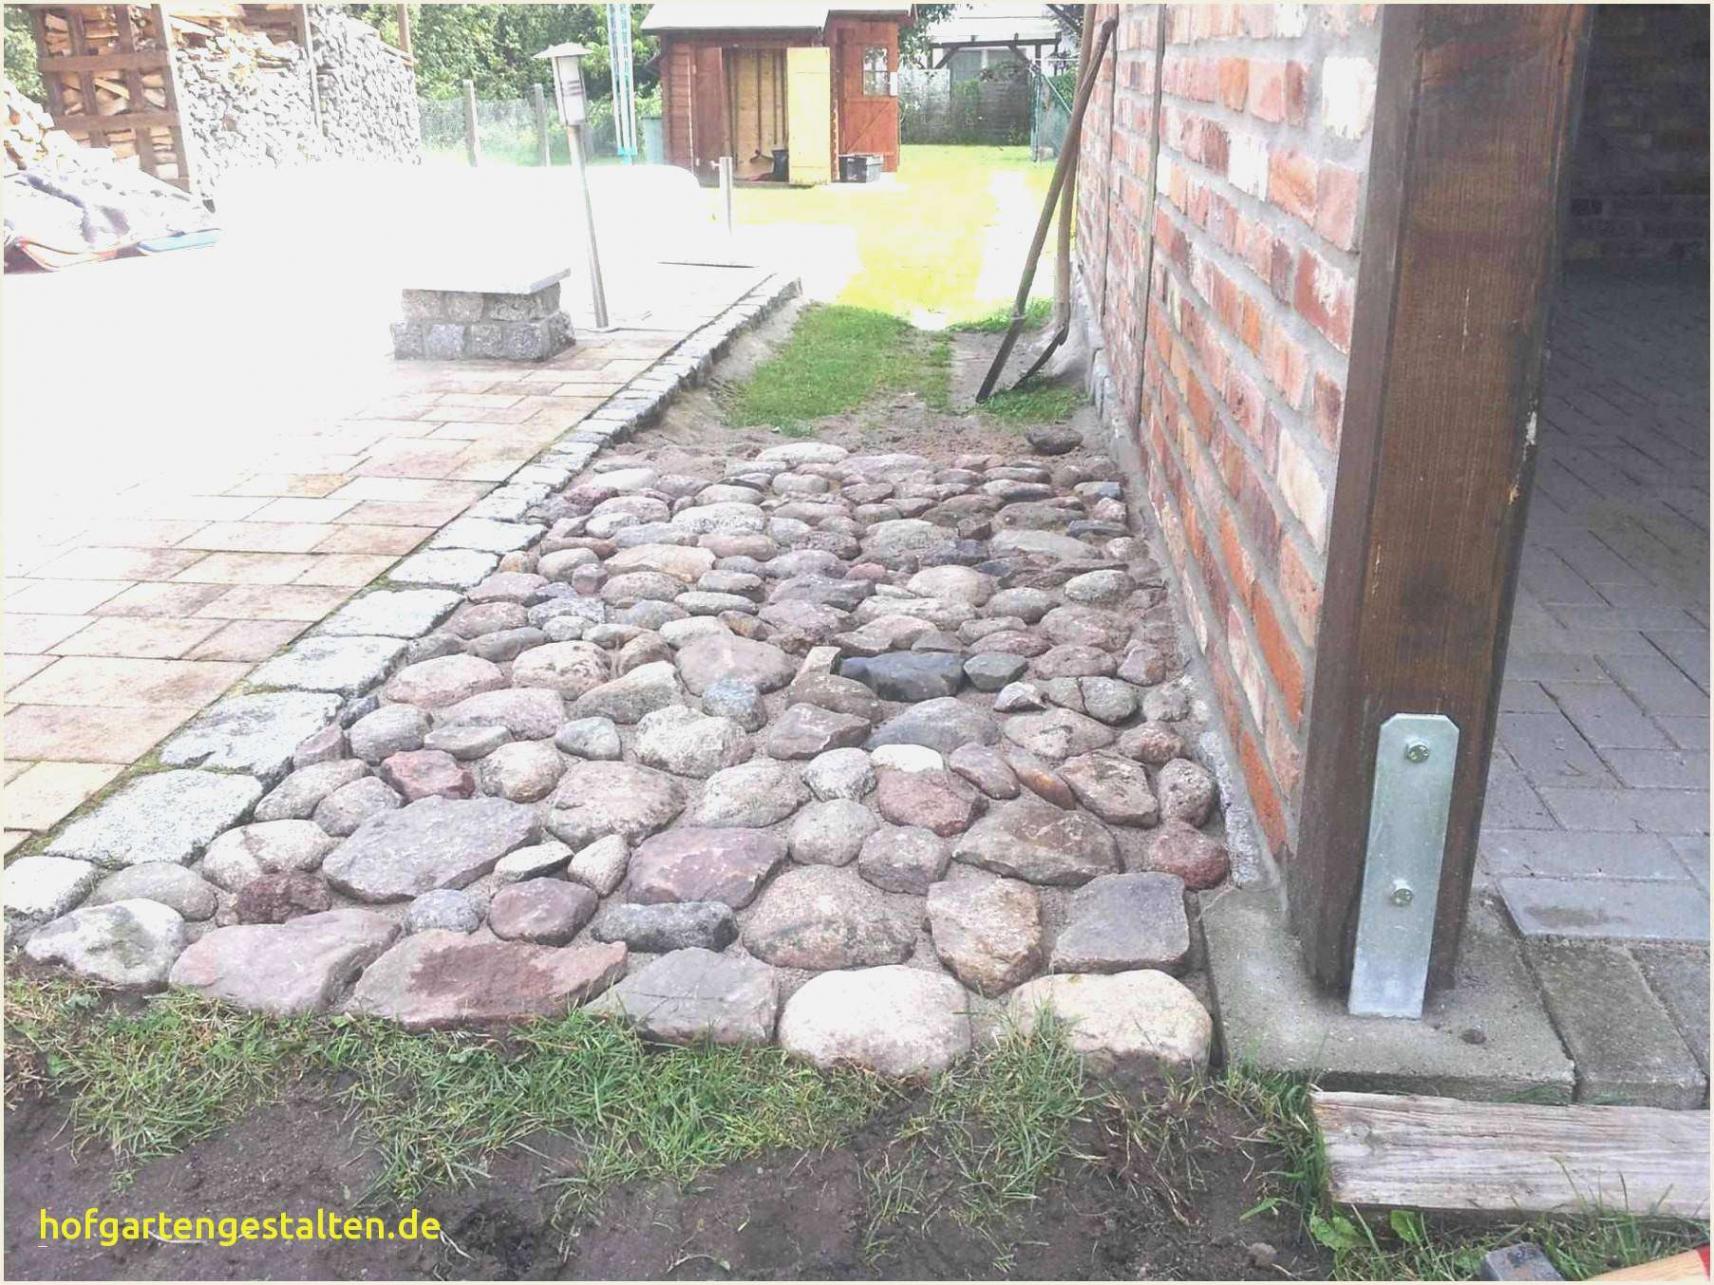 Deko Ideen Mit Steinen Im Garten Einzigartig Gartengestaltung Mit Holz Und Stein — Temobardz Home Blog